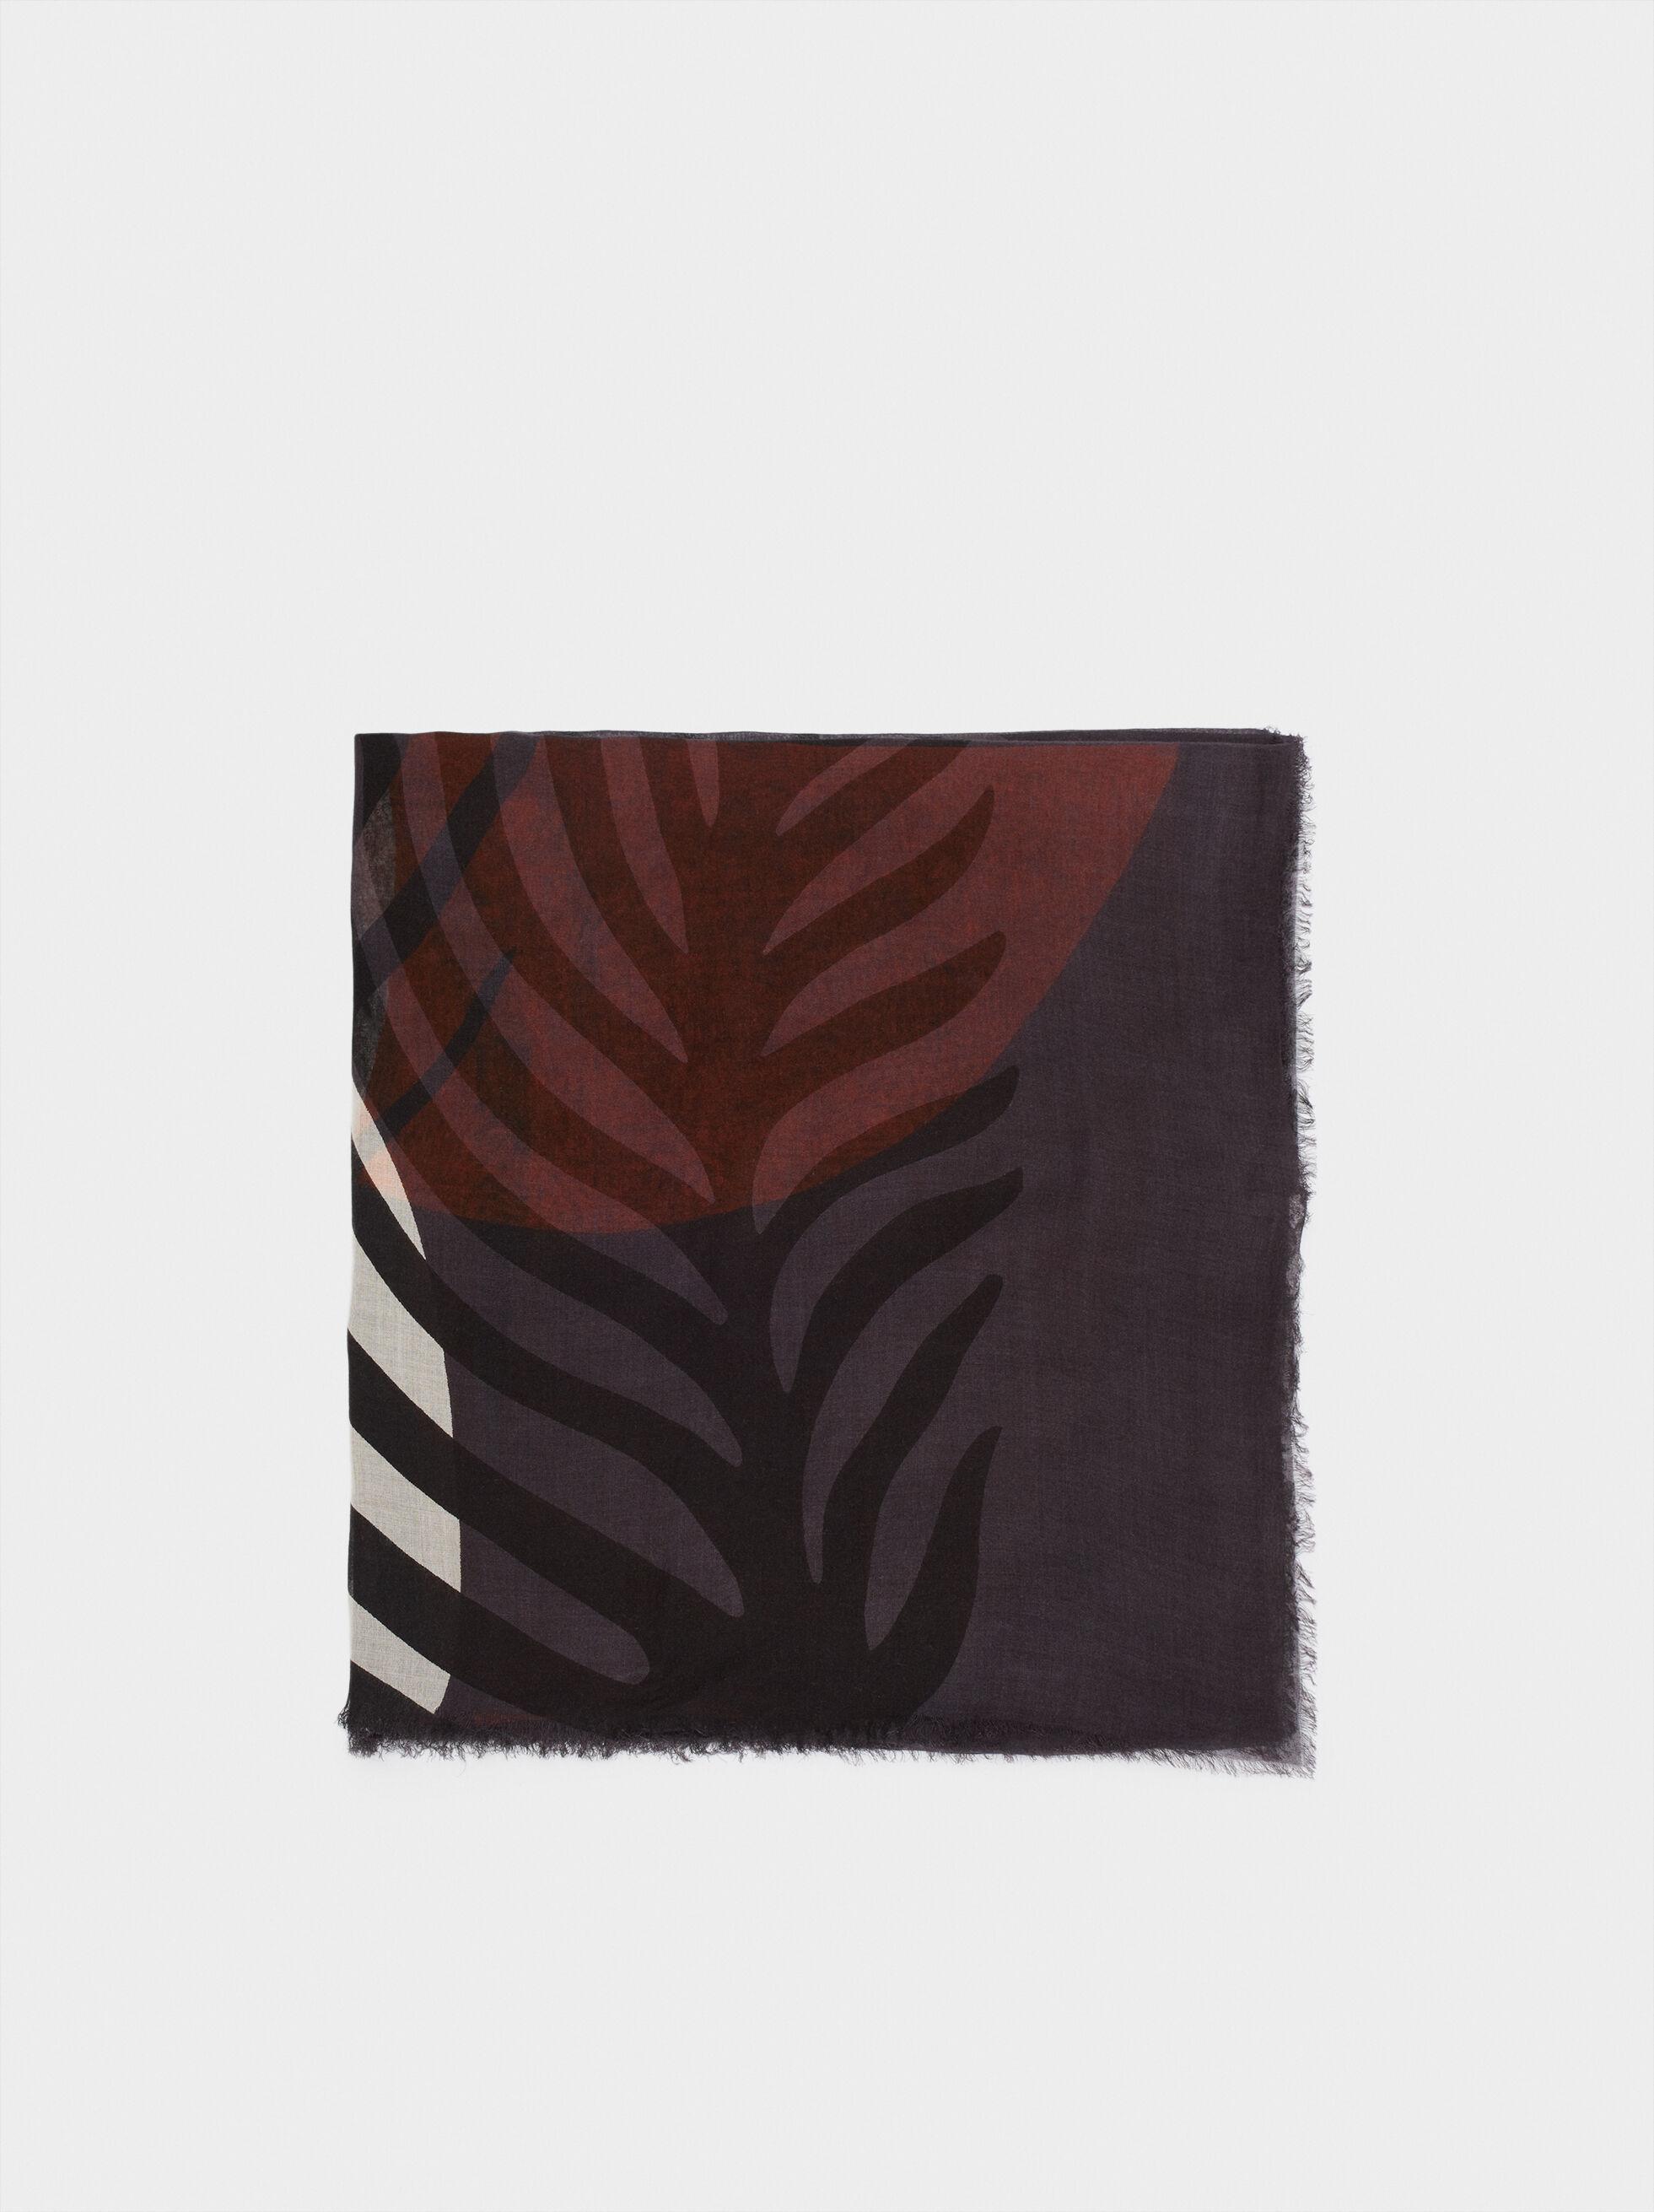 Modal Leaf Print Handkerchief, , hi-res